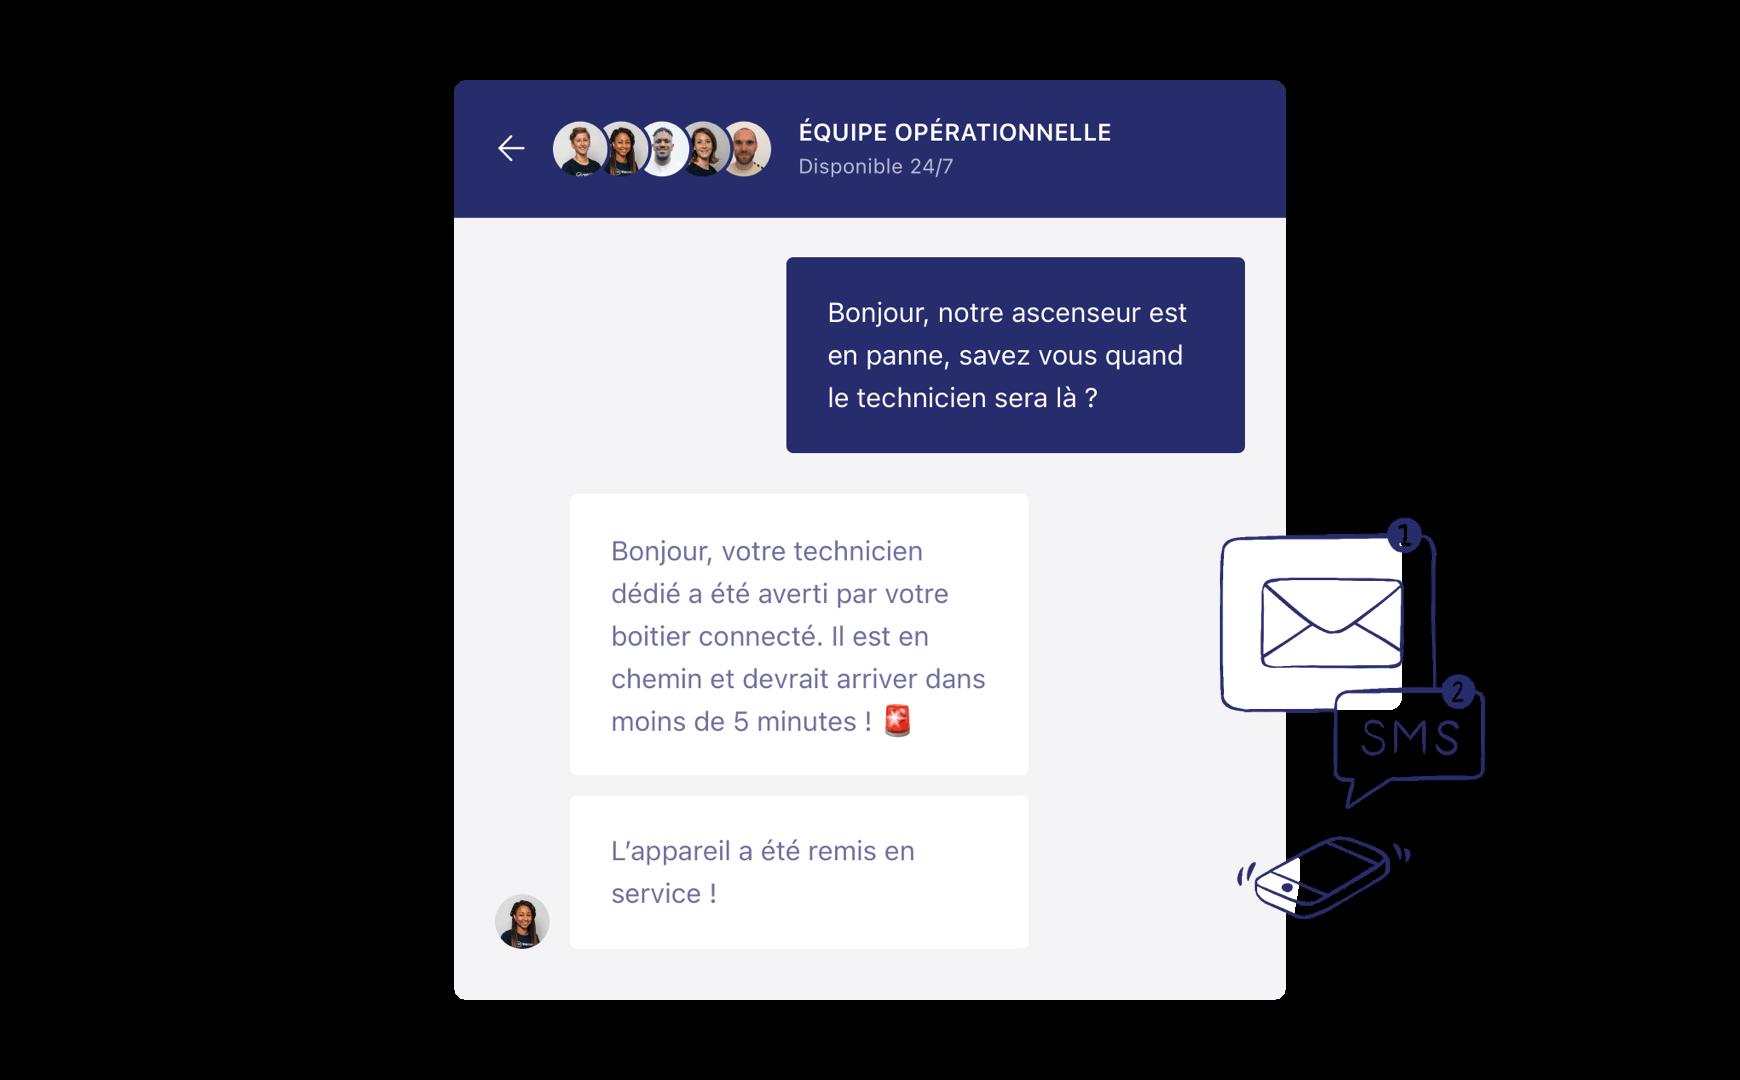 SMS emails en temps réel - WeMaintain